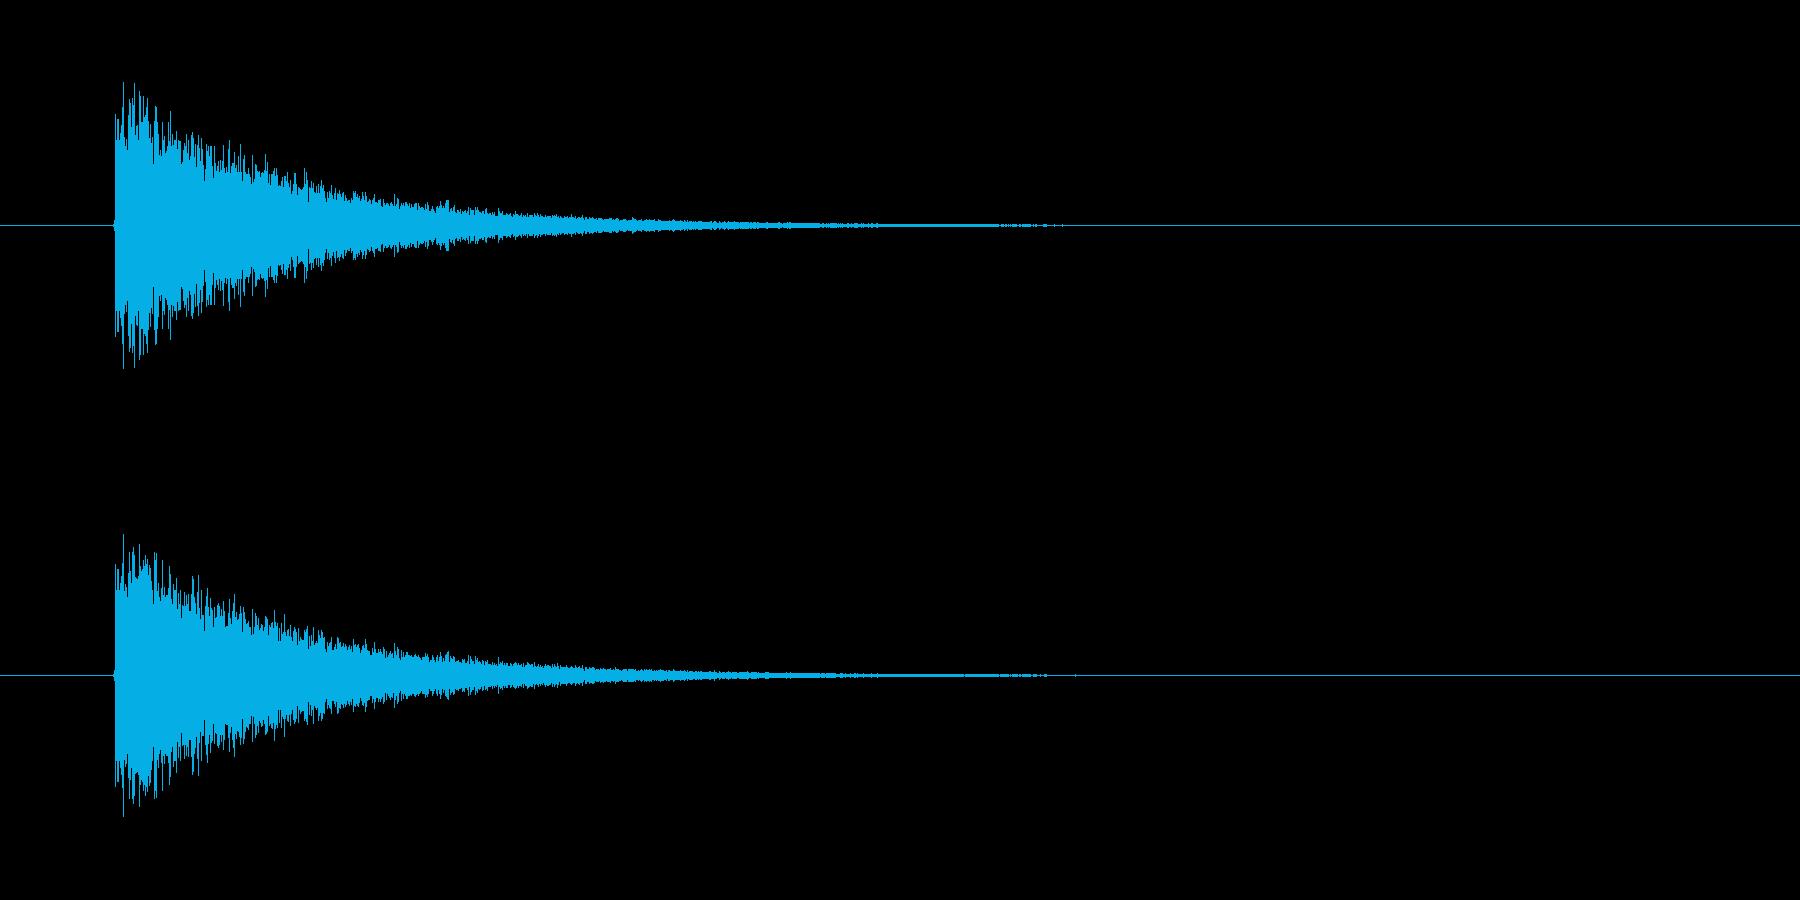 ピシューン! ミサイルの発射音です。の再生済みの波形